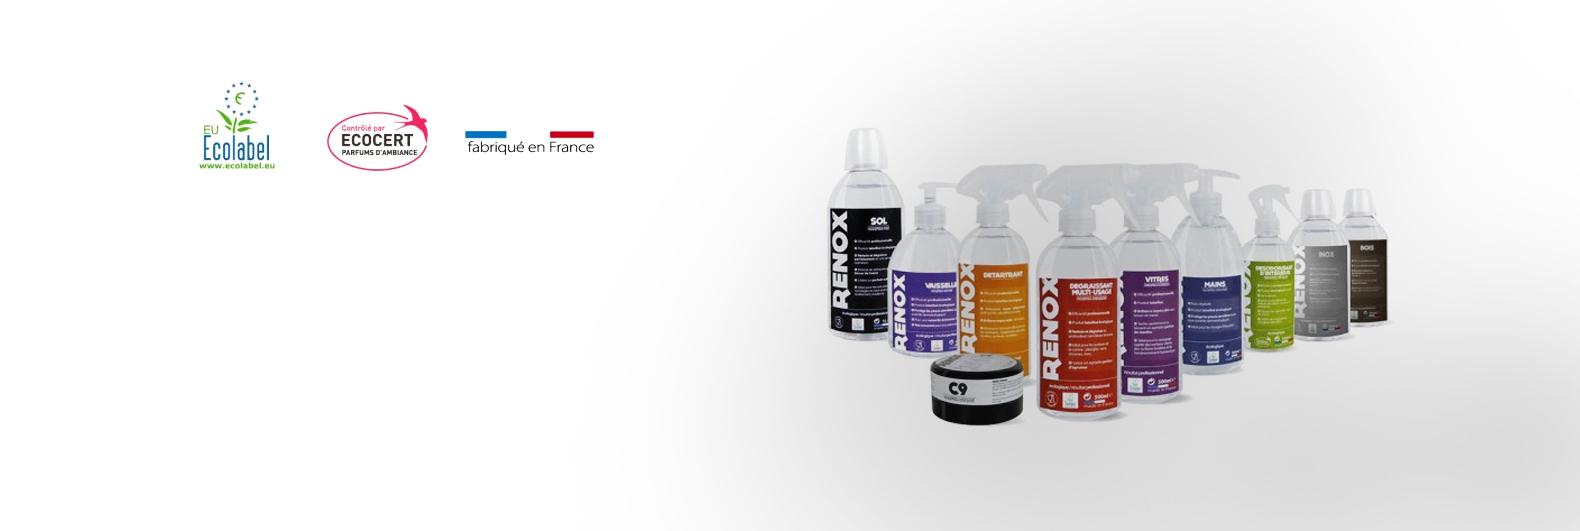 Clepsydre le bel objet cristel renox fabricant de produits d 39 entretien - Cuisine direct fabricant ...